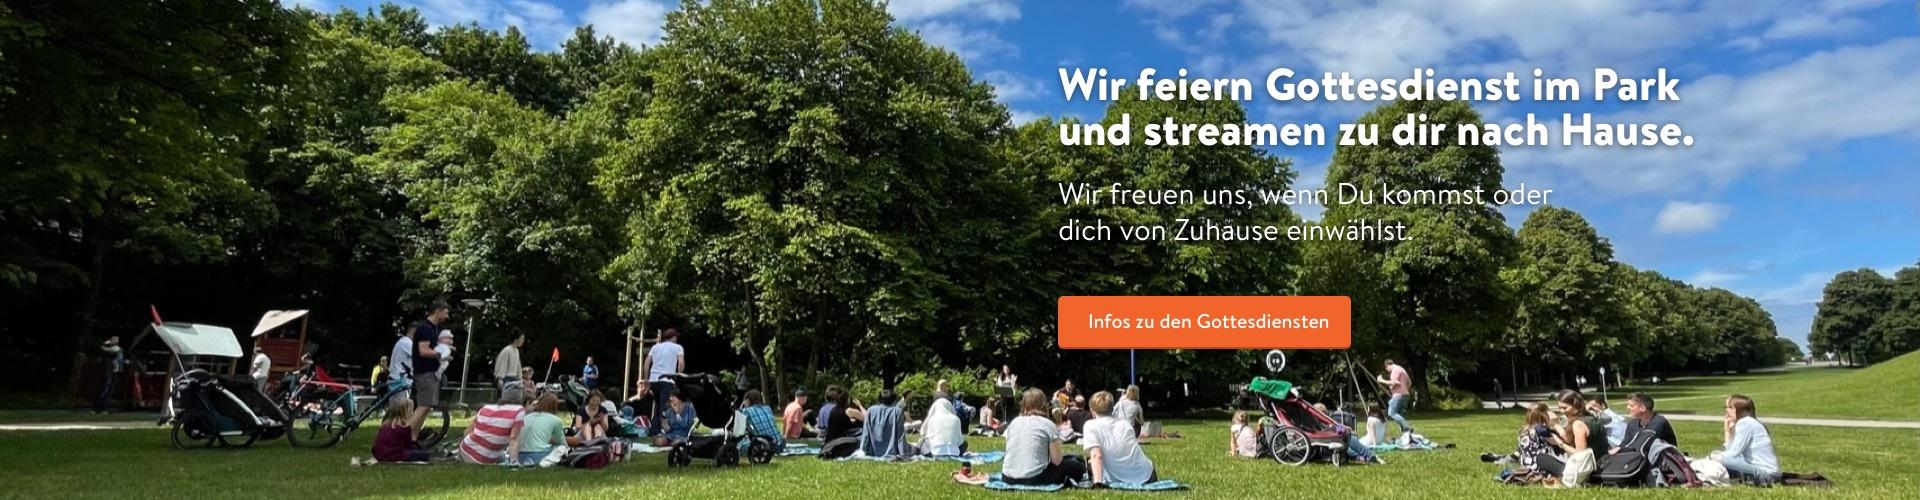 Die Citychurch München feiert Gottesdienst im Park